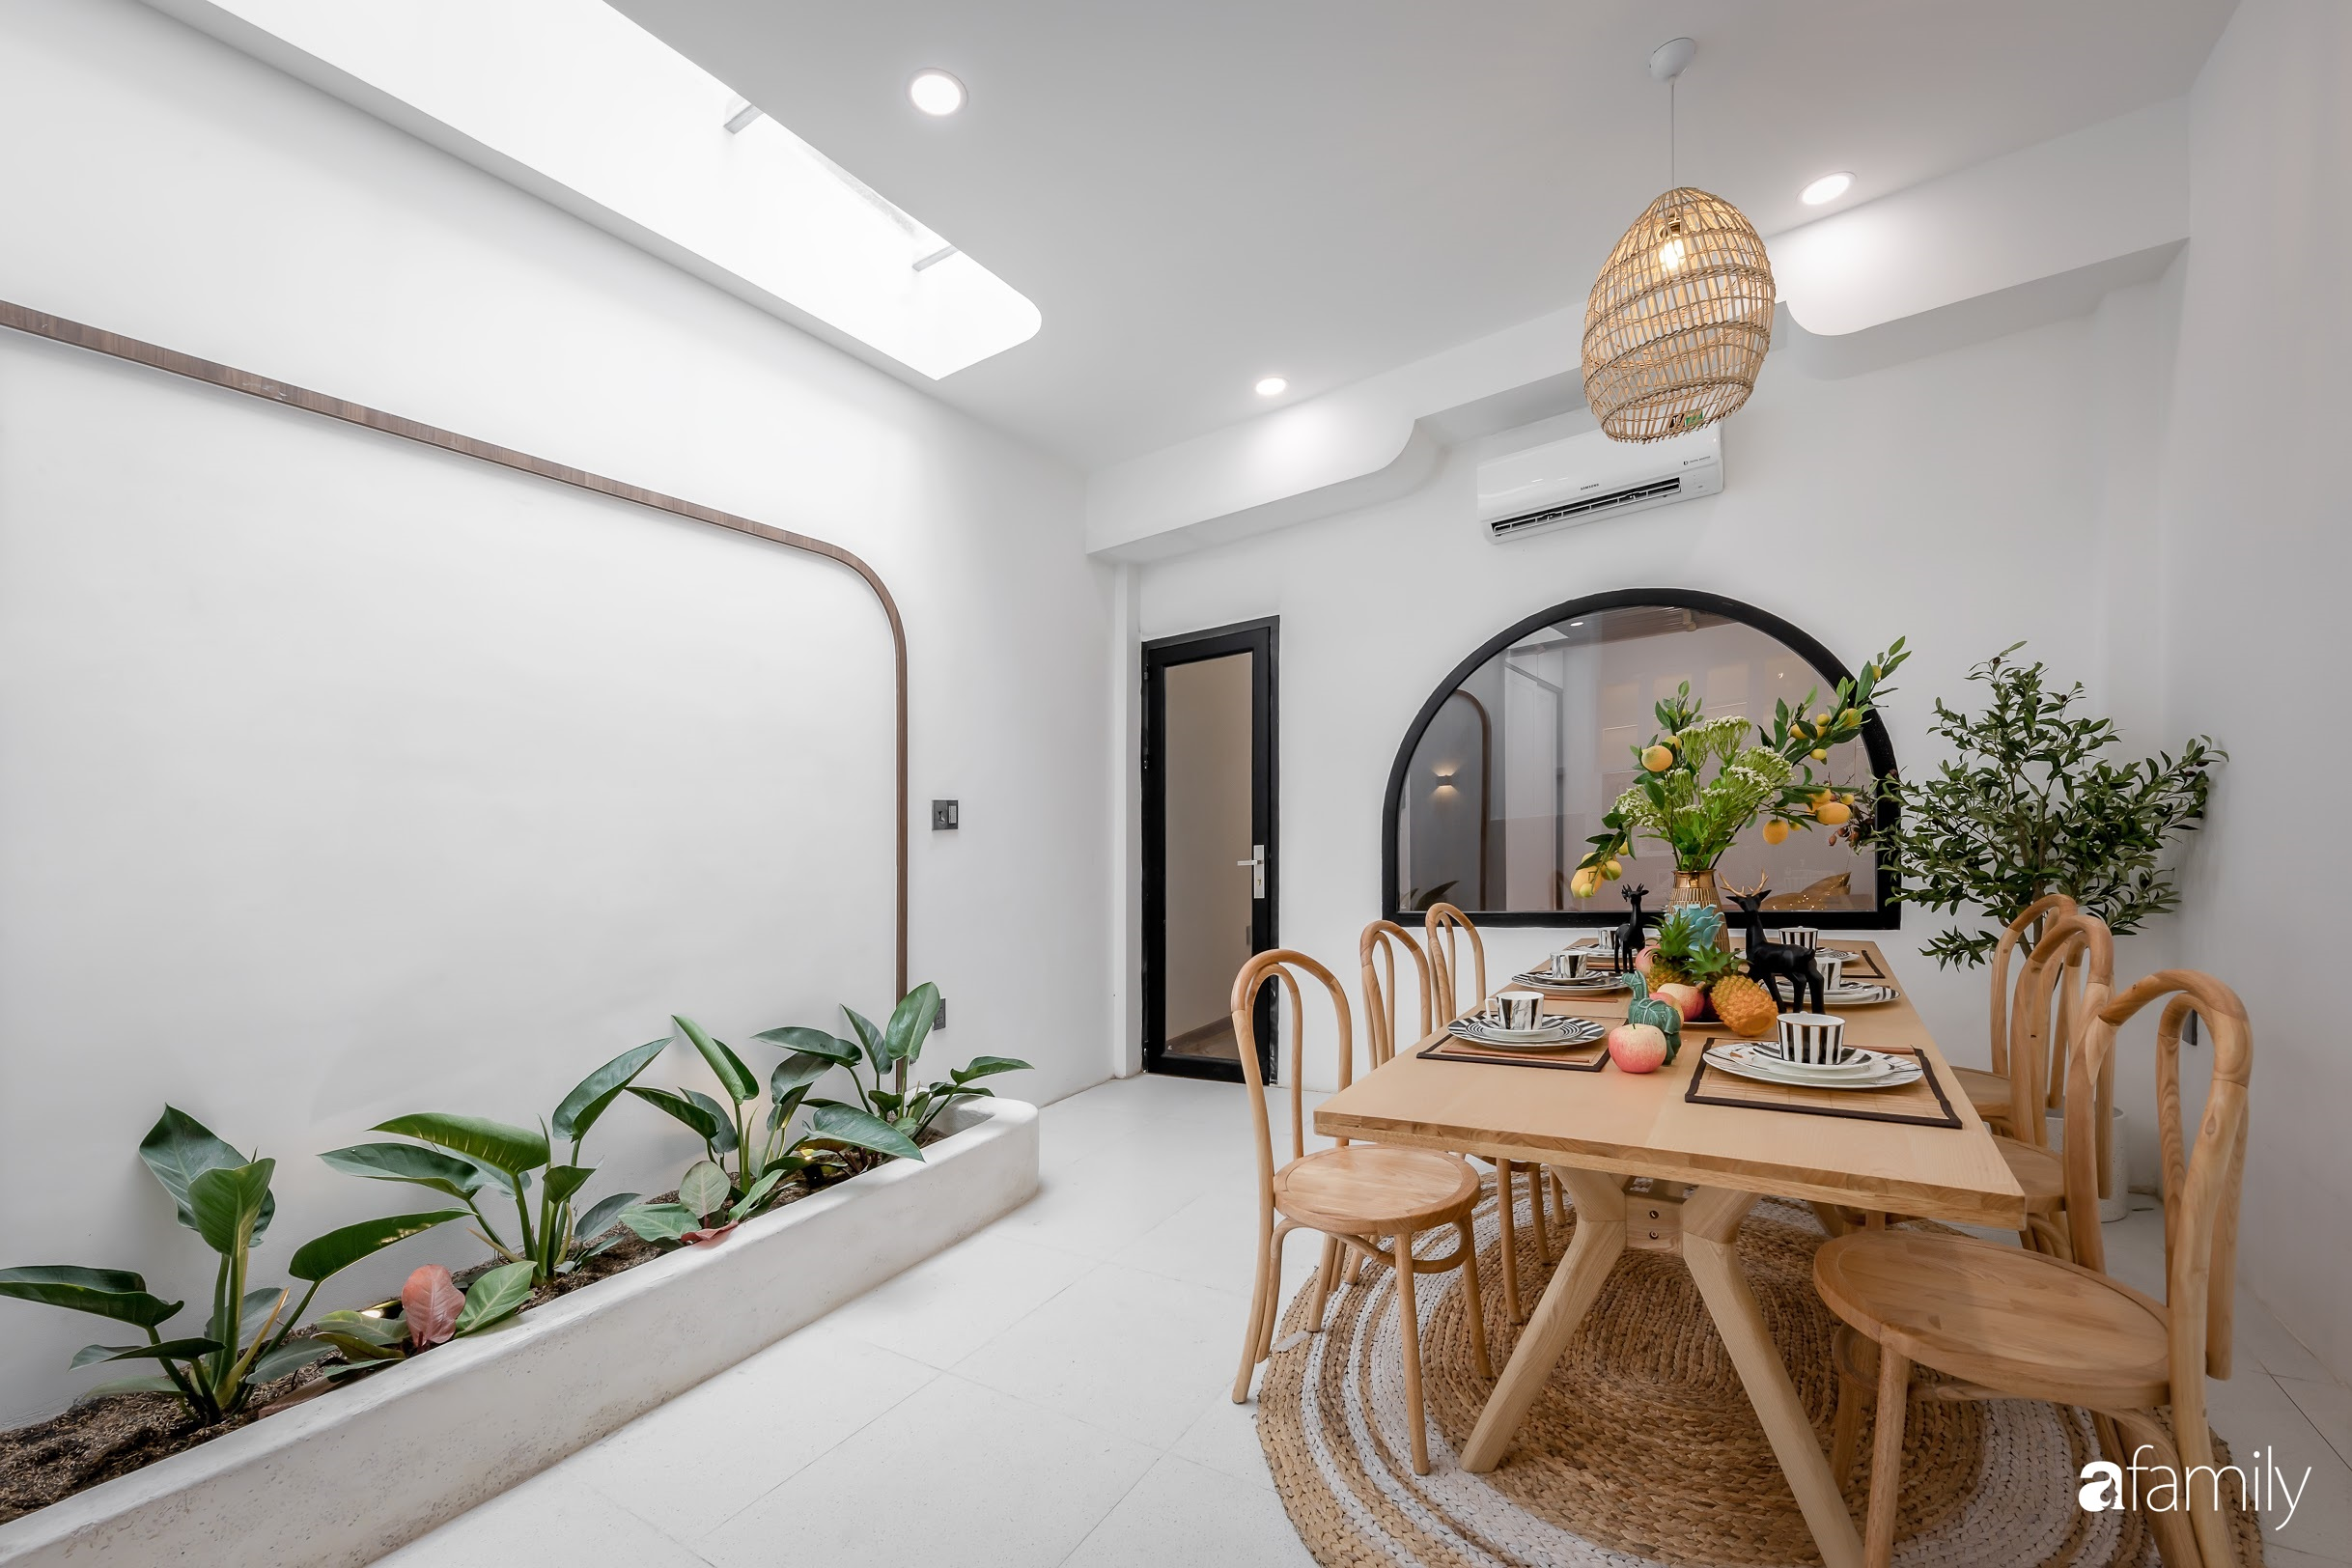 Nhà phố Tiền Giang đẹp hài hòa với thiết kế hiện đại, bố trí nội thất thông minh với chi phí 1,8 tỉ đồng - Ảnh 18.